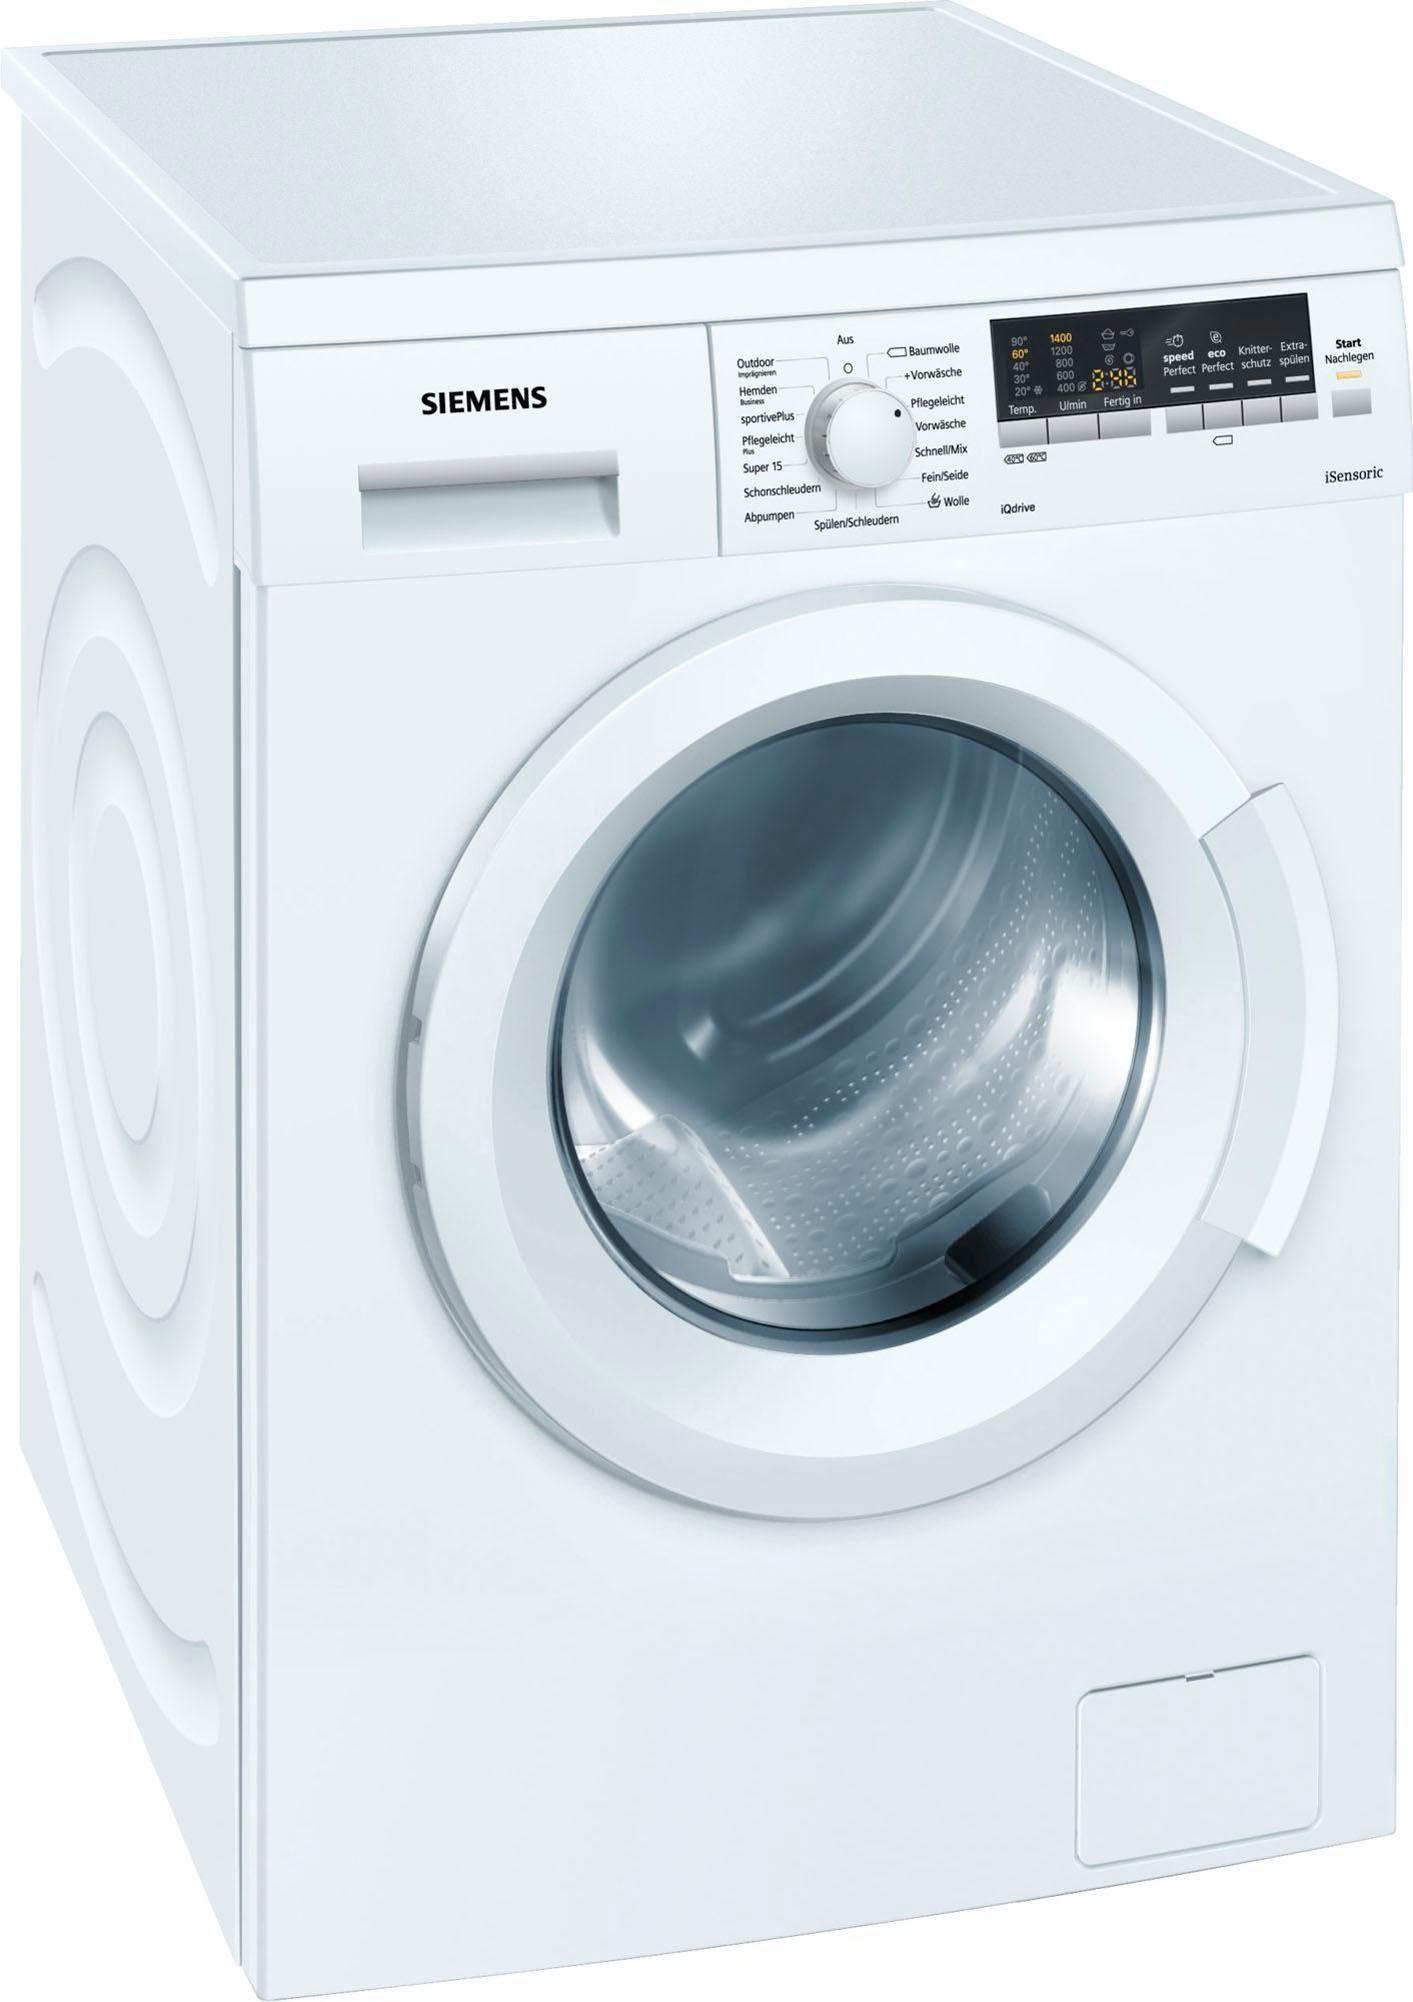 SIEMENS Waschmaschine WM14P420, A+++, 7 kg, 1400 U/Min